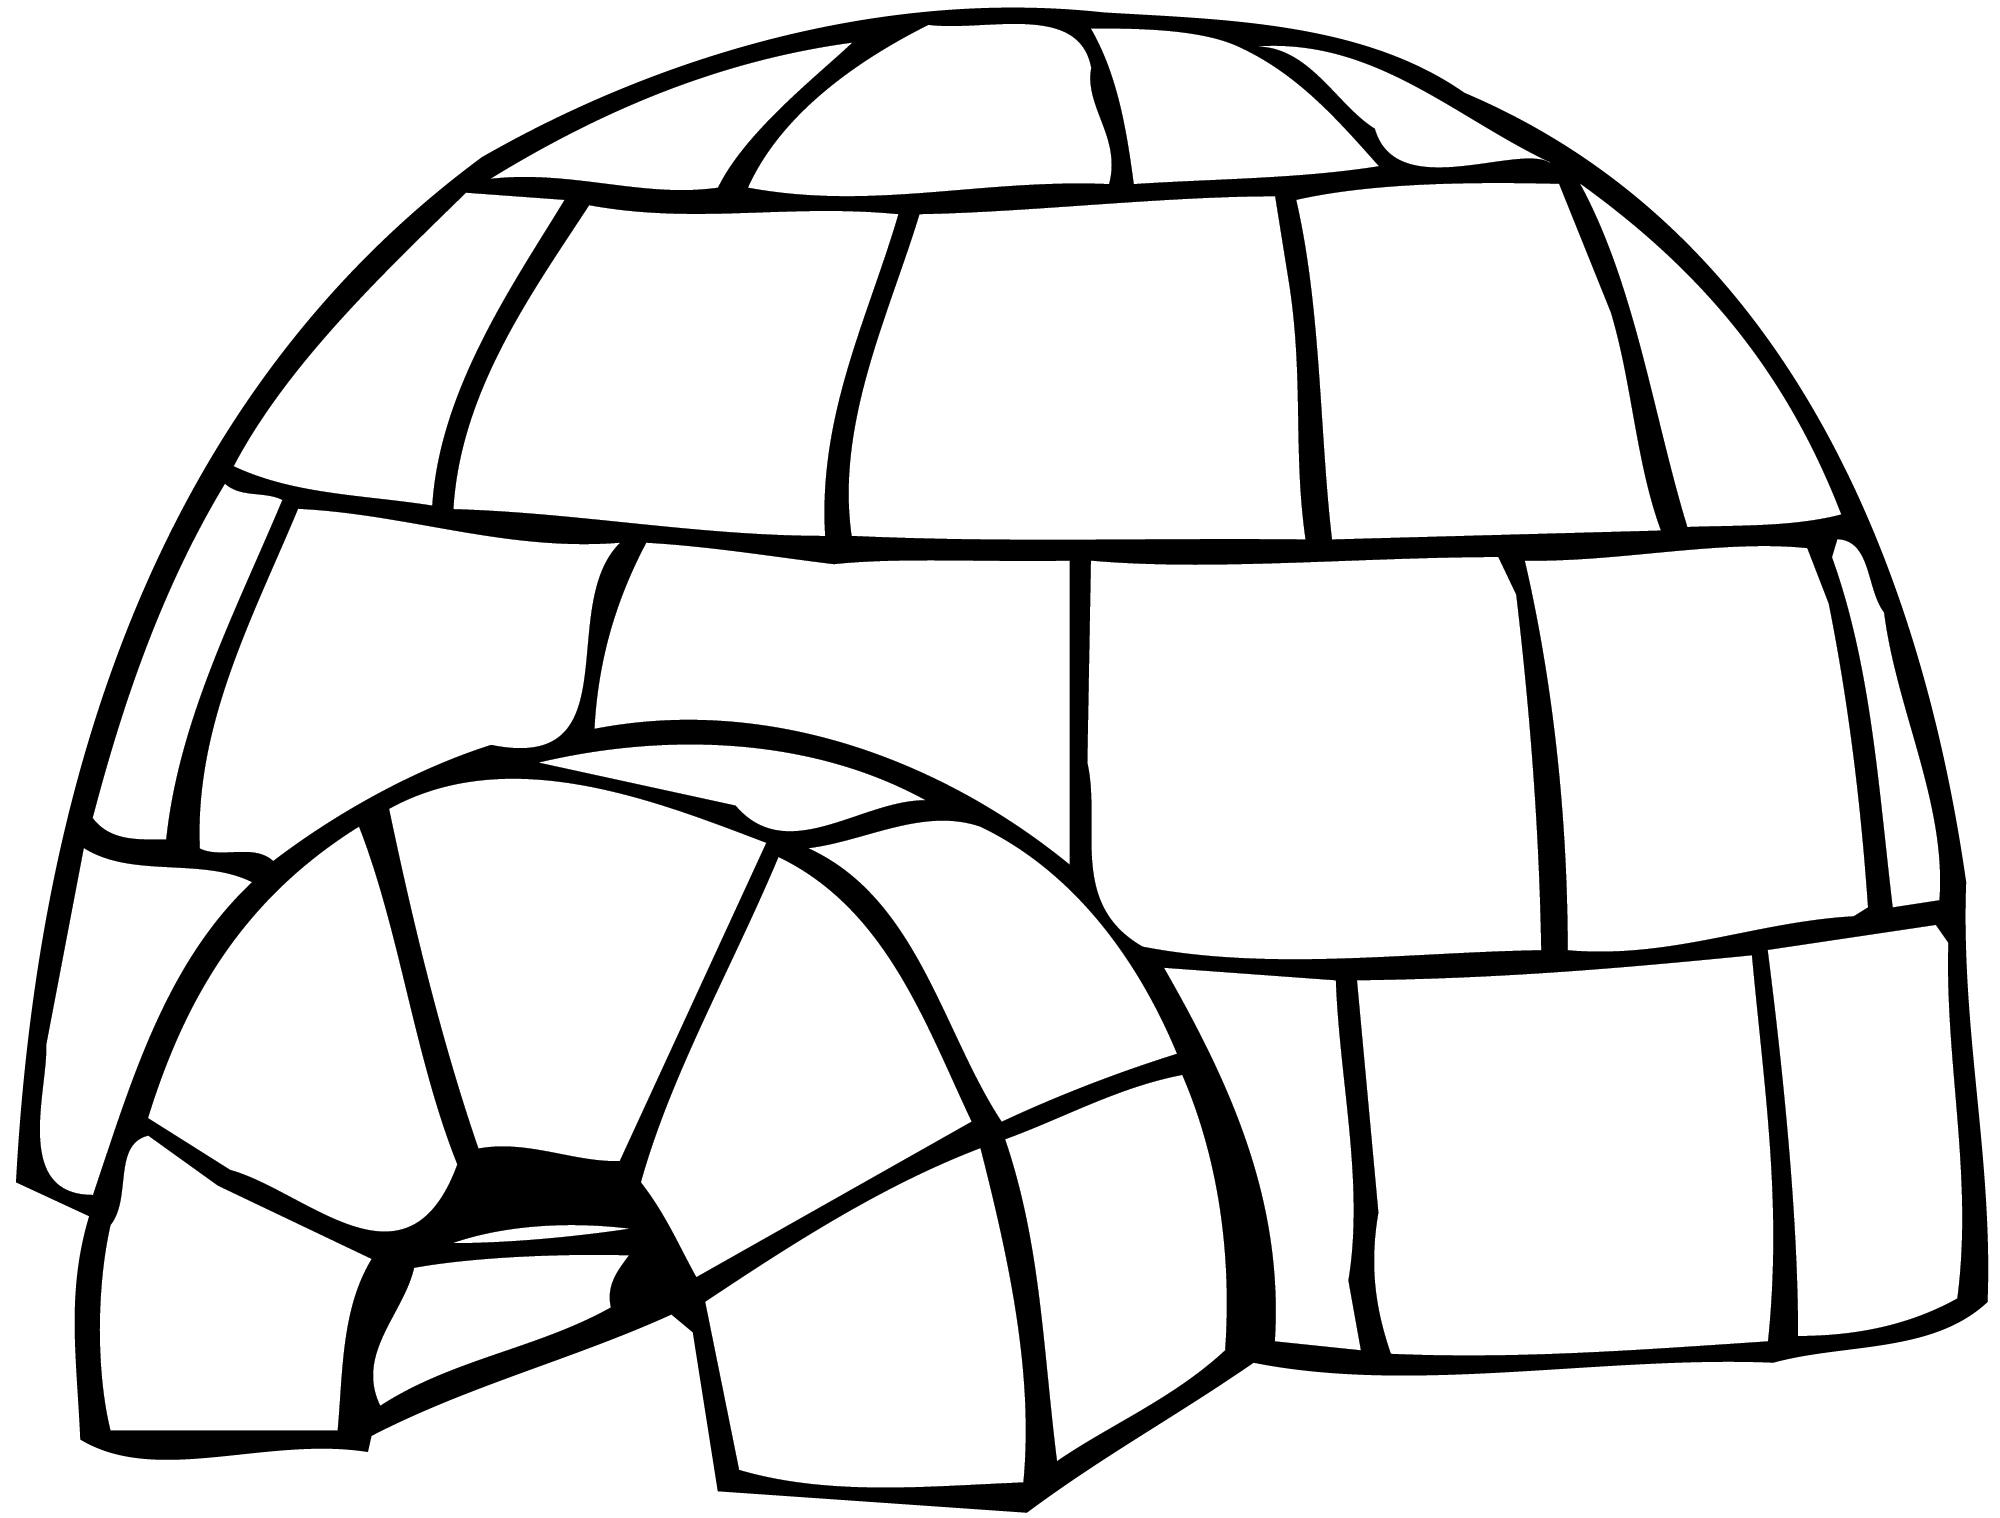 2000x1518 Igloo House Drawing